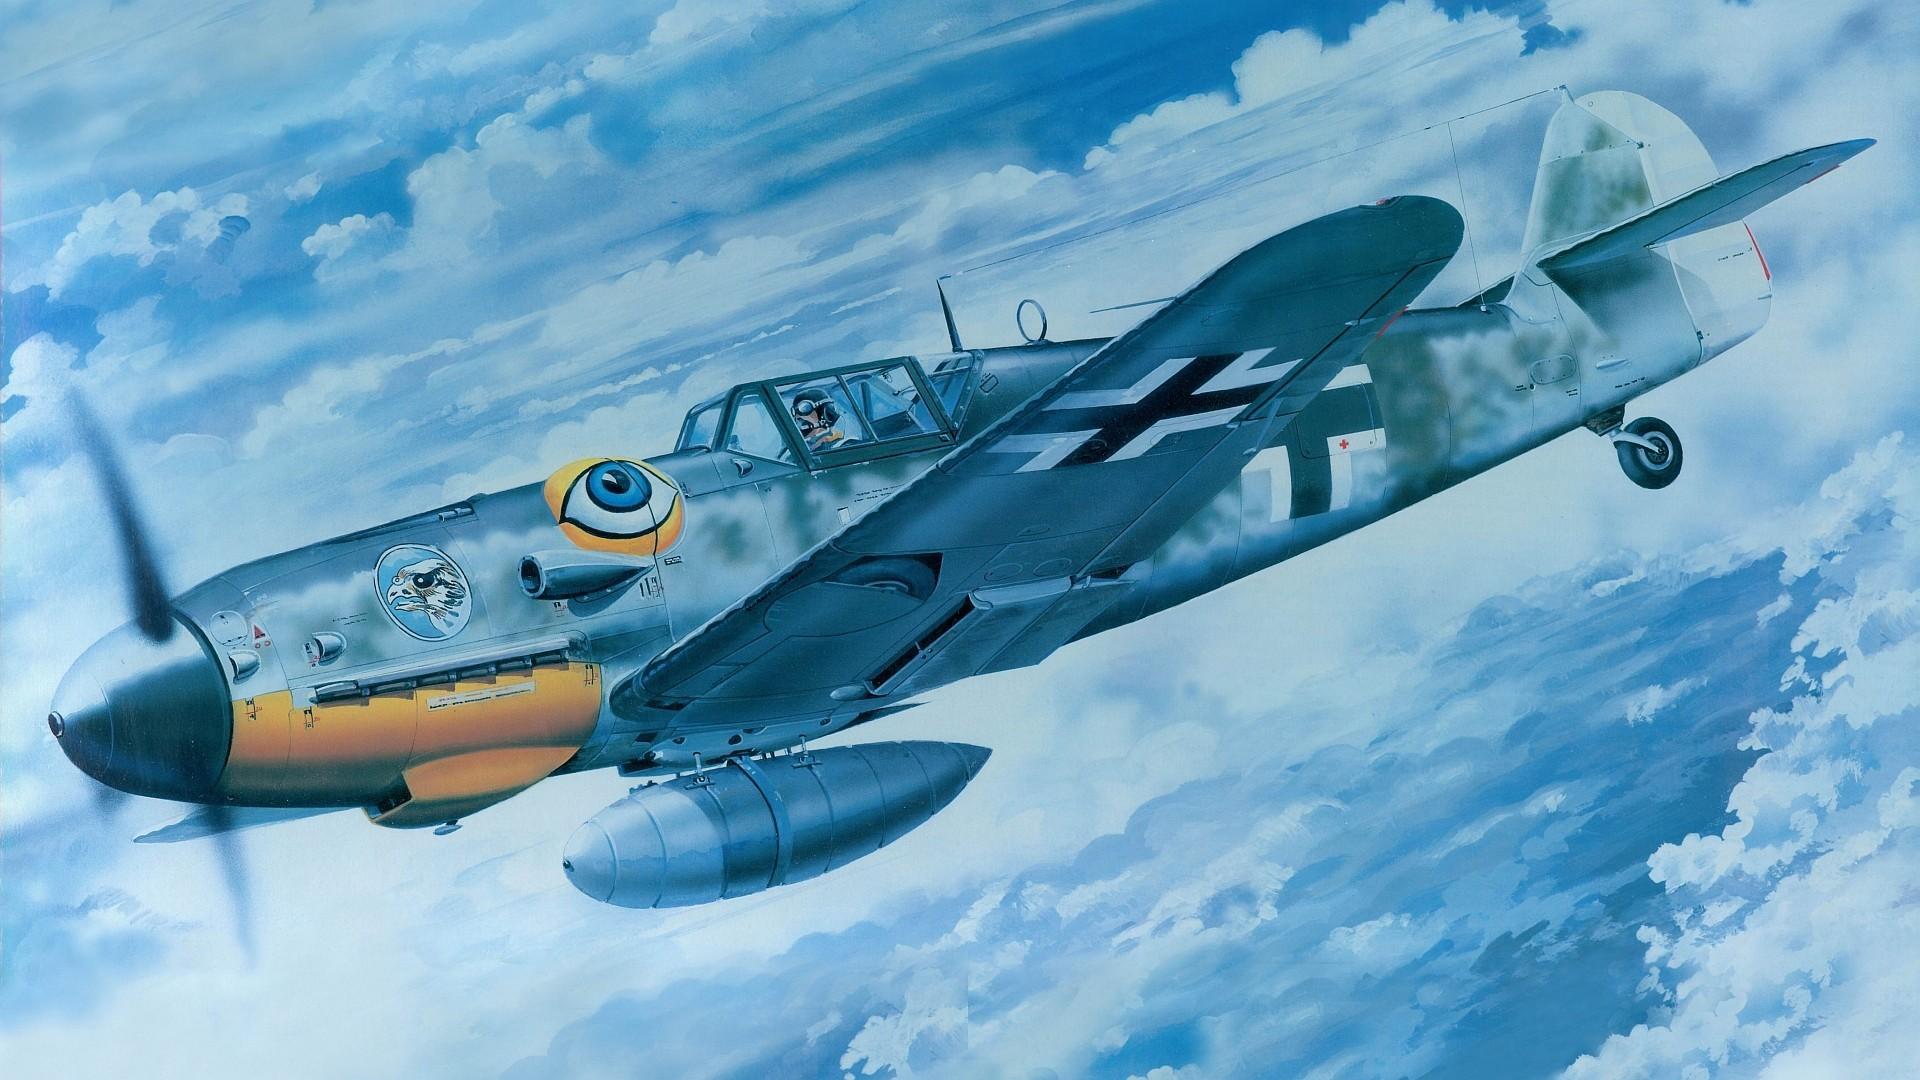 Messerschmitt, Messerschmitt Bf 109, Luftwaffe, Aircraft, Military,  Artwork, Military Aircraft, World War II, Germany Wallpapers HD / Desktop  and Mobile …